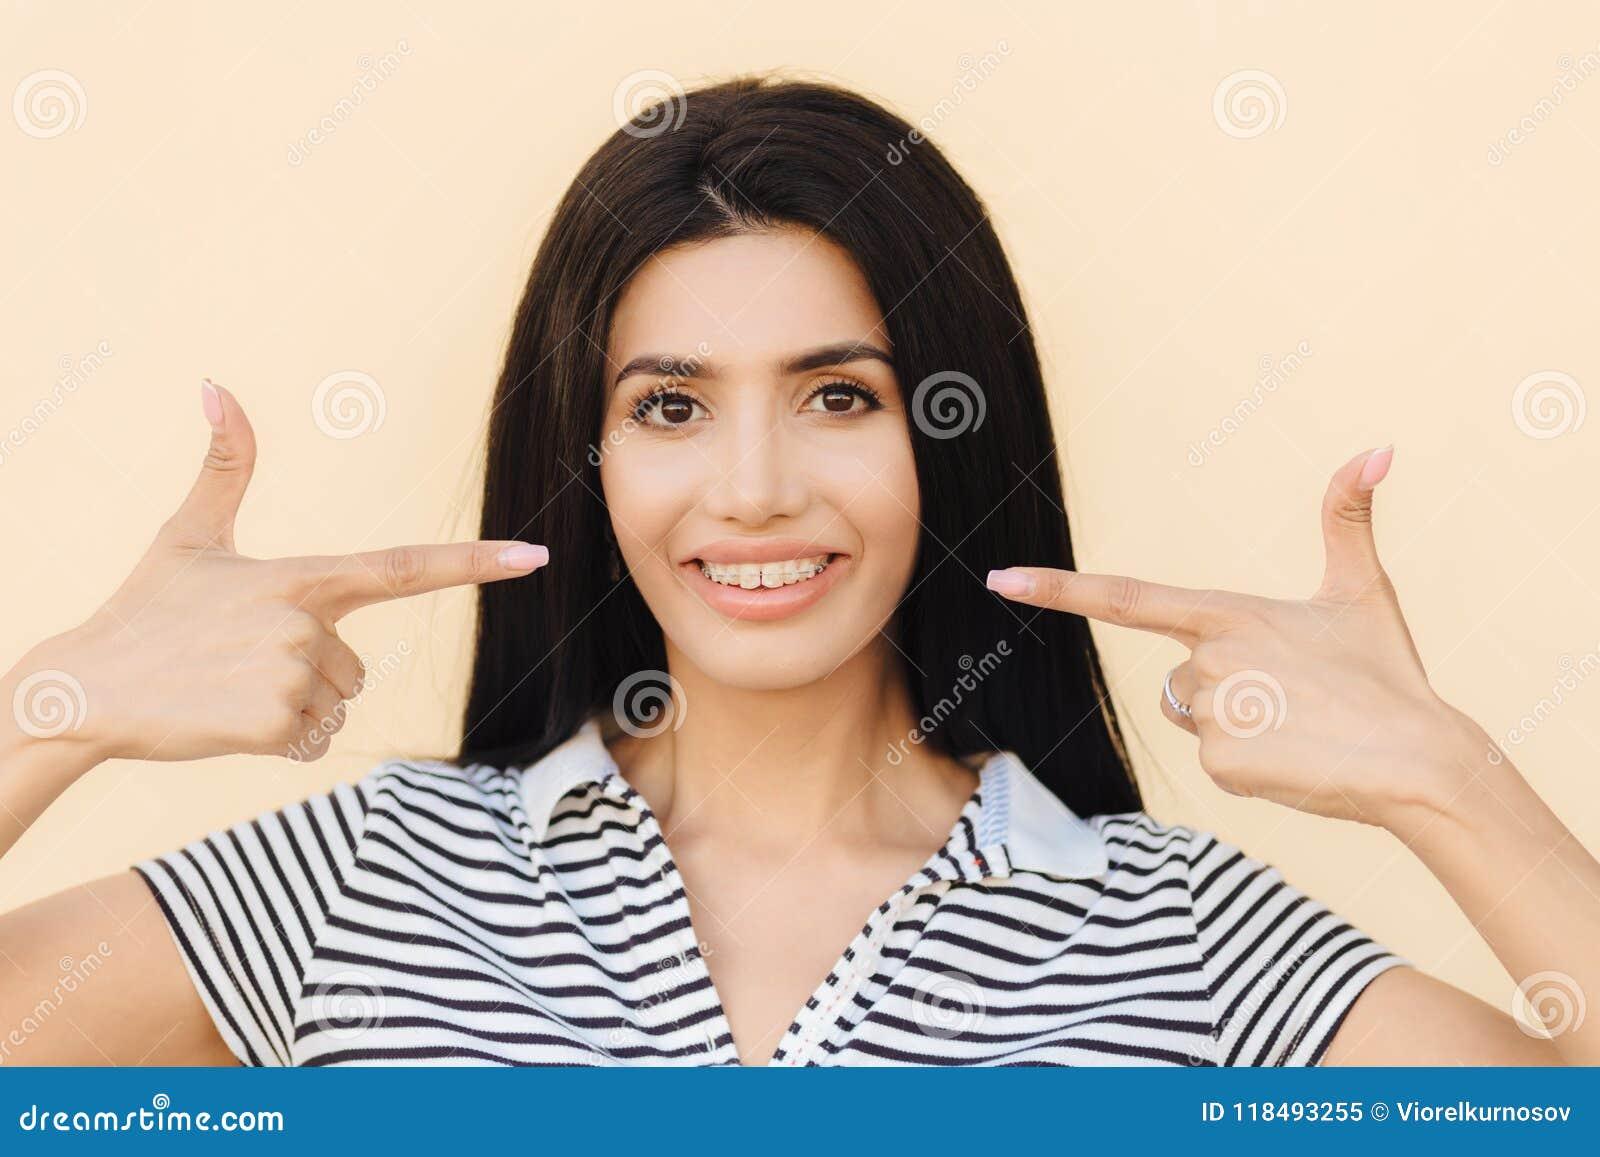 Mensen, schoonheid en reclameconcept De donkerbruine jonge vrouw met zachte glimlach, wijst op bij mond met brede glimlach, heeft